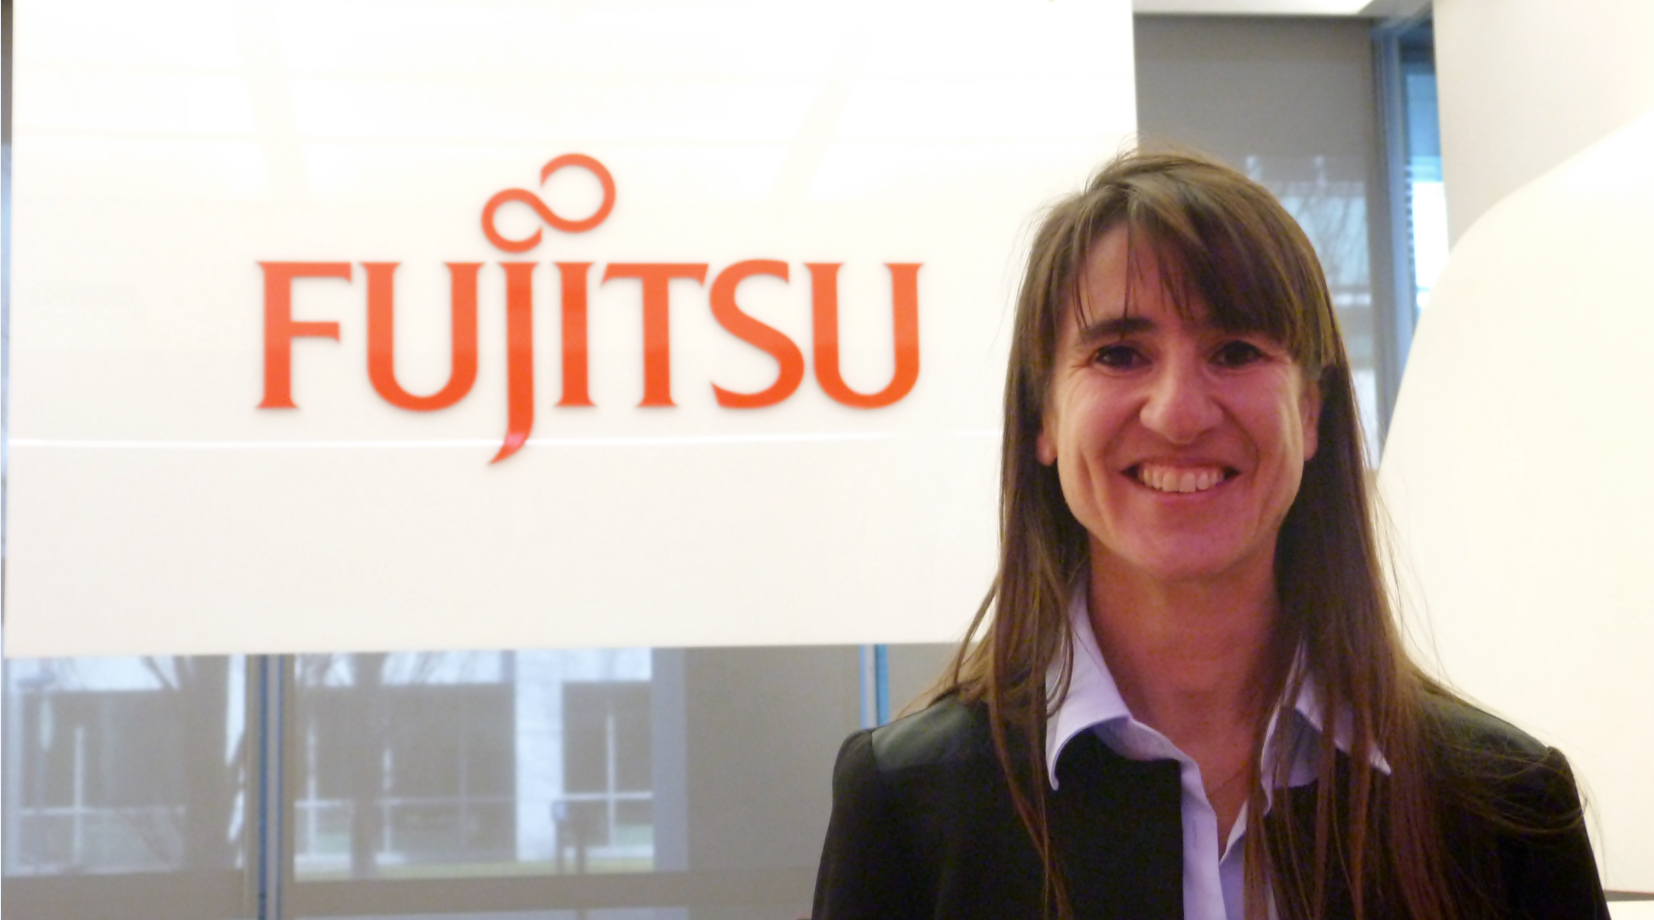 Manuela Chinzi è la Responsabile del Canale di Fujitsu Italia